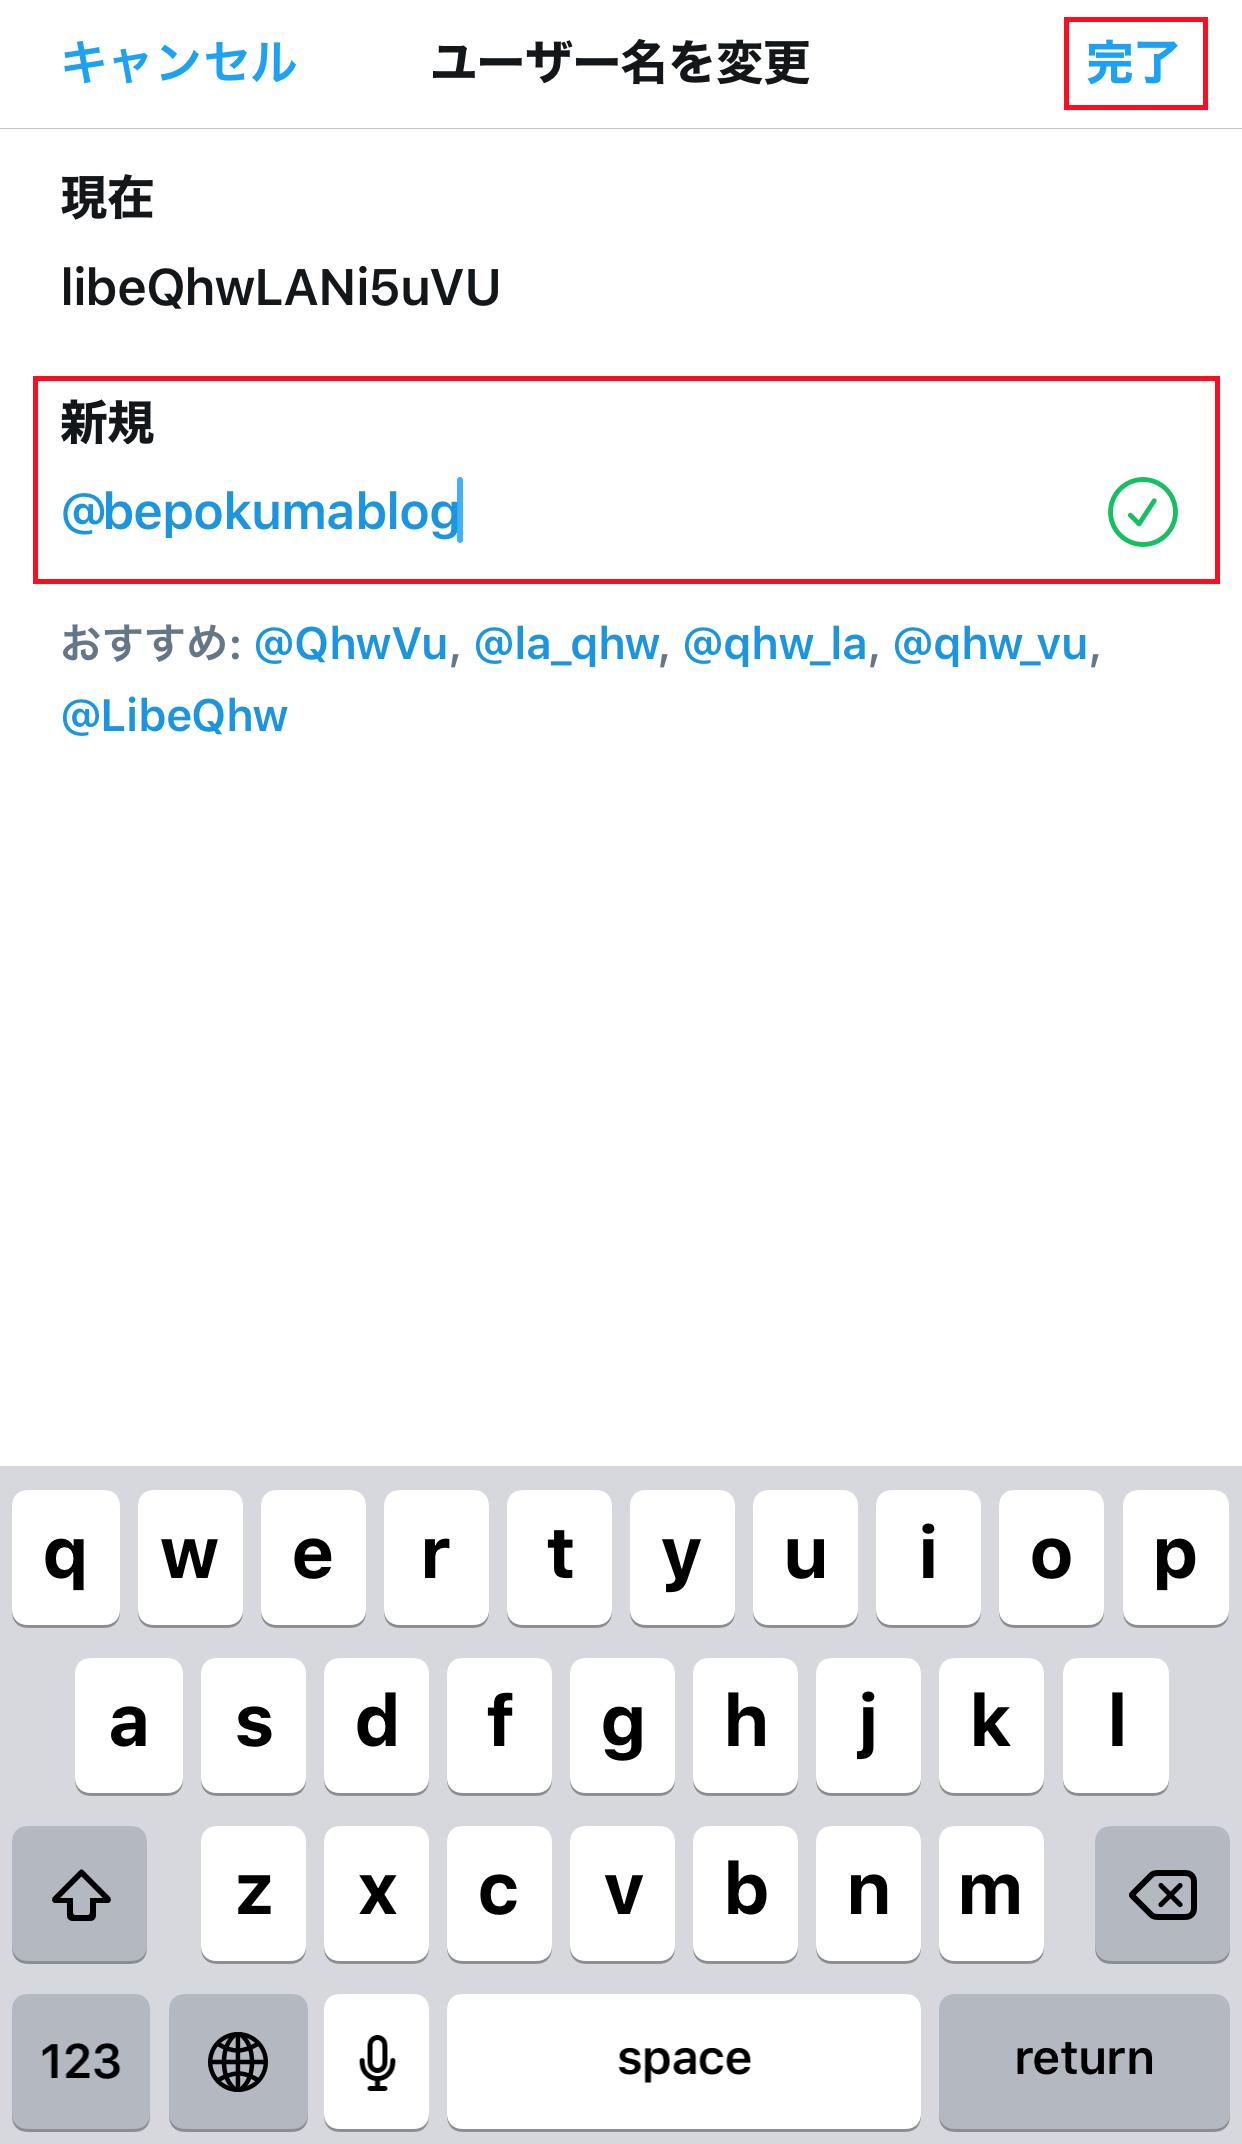 ご希望のユーザー名の入力が完了しましたら、最後に完了をタップ(押す)します。